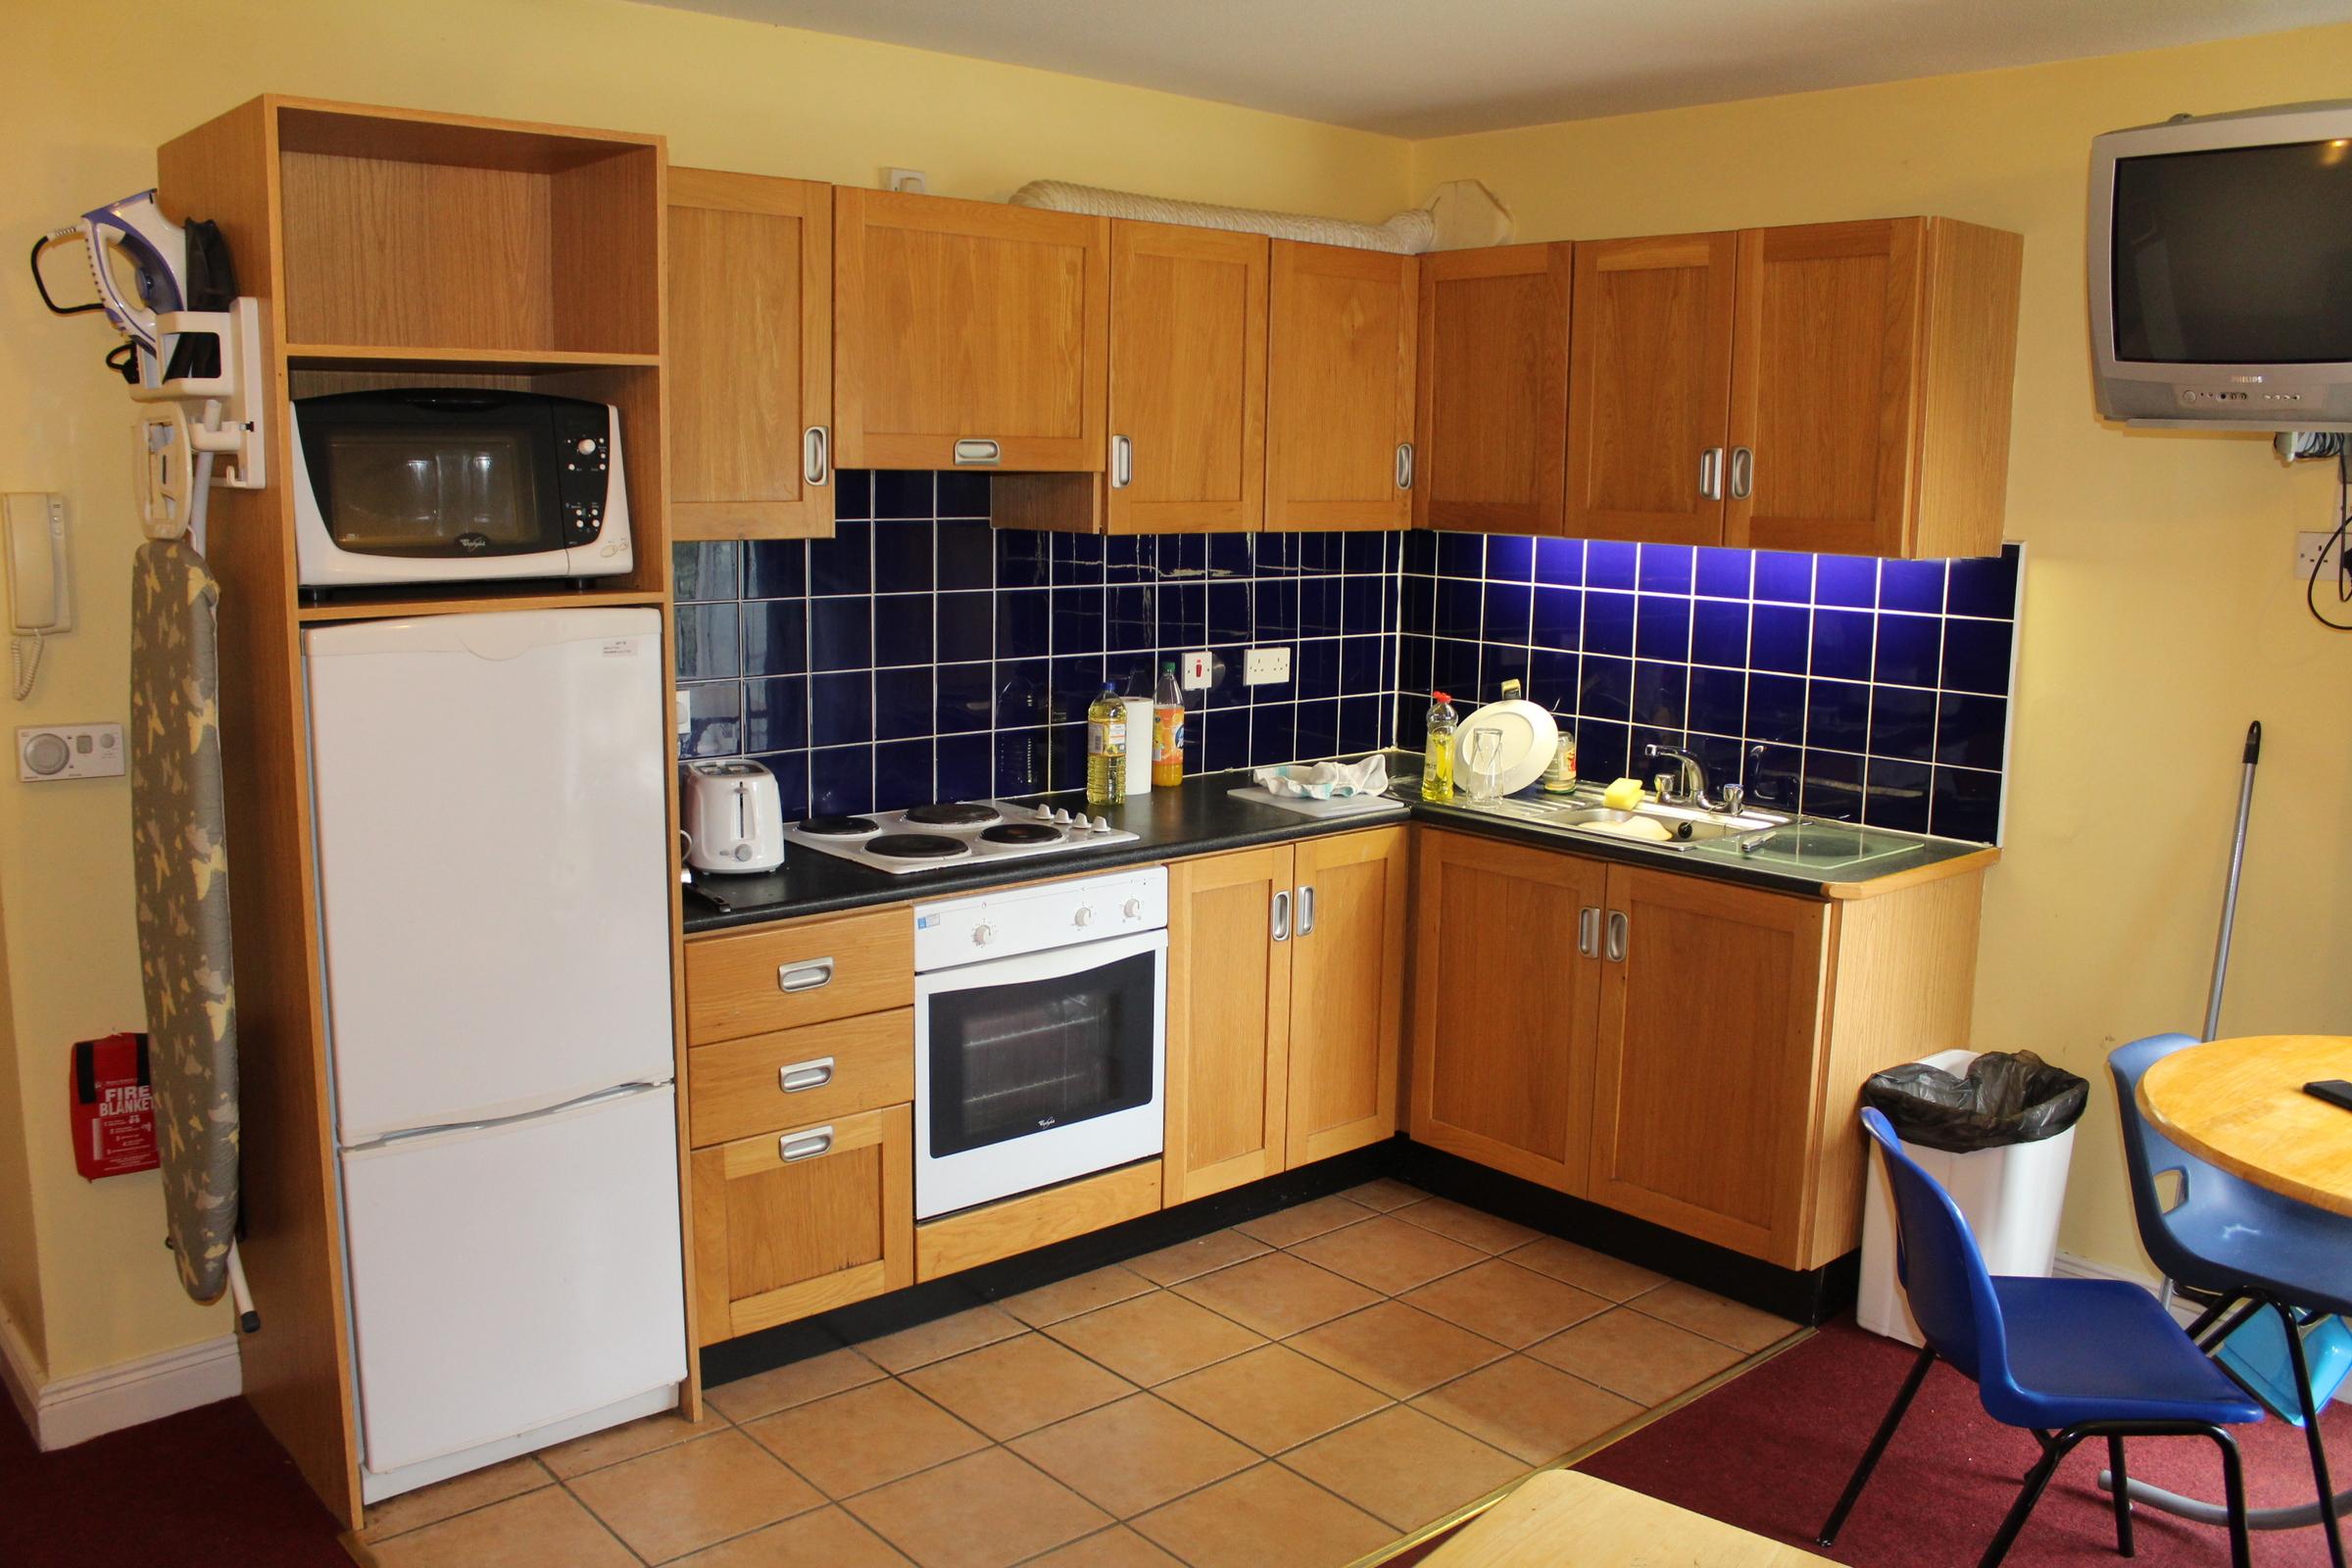 Apartment 90, The Behan Block, Parchment Square, Model Farm Road, Co. Cork